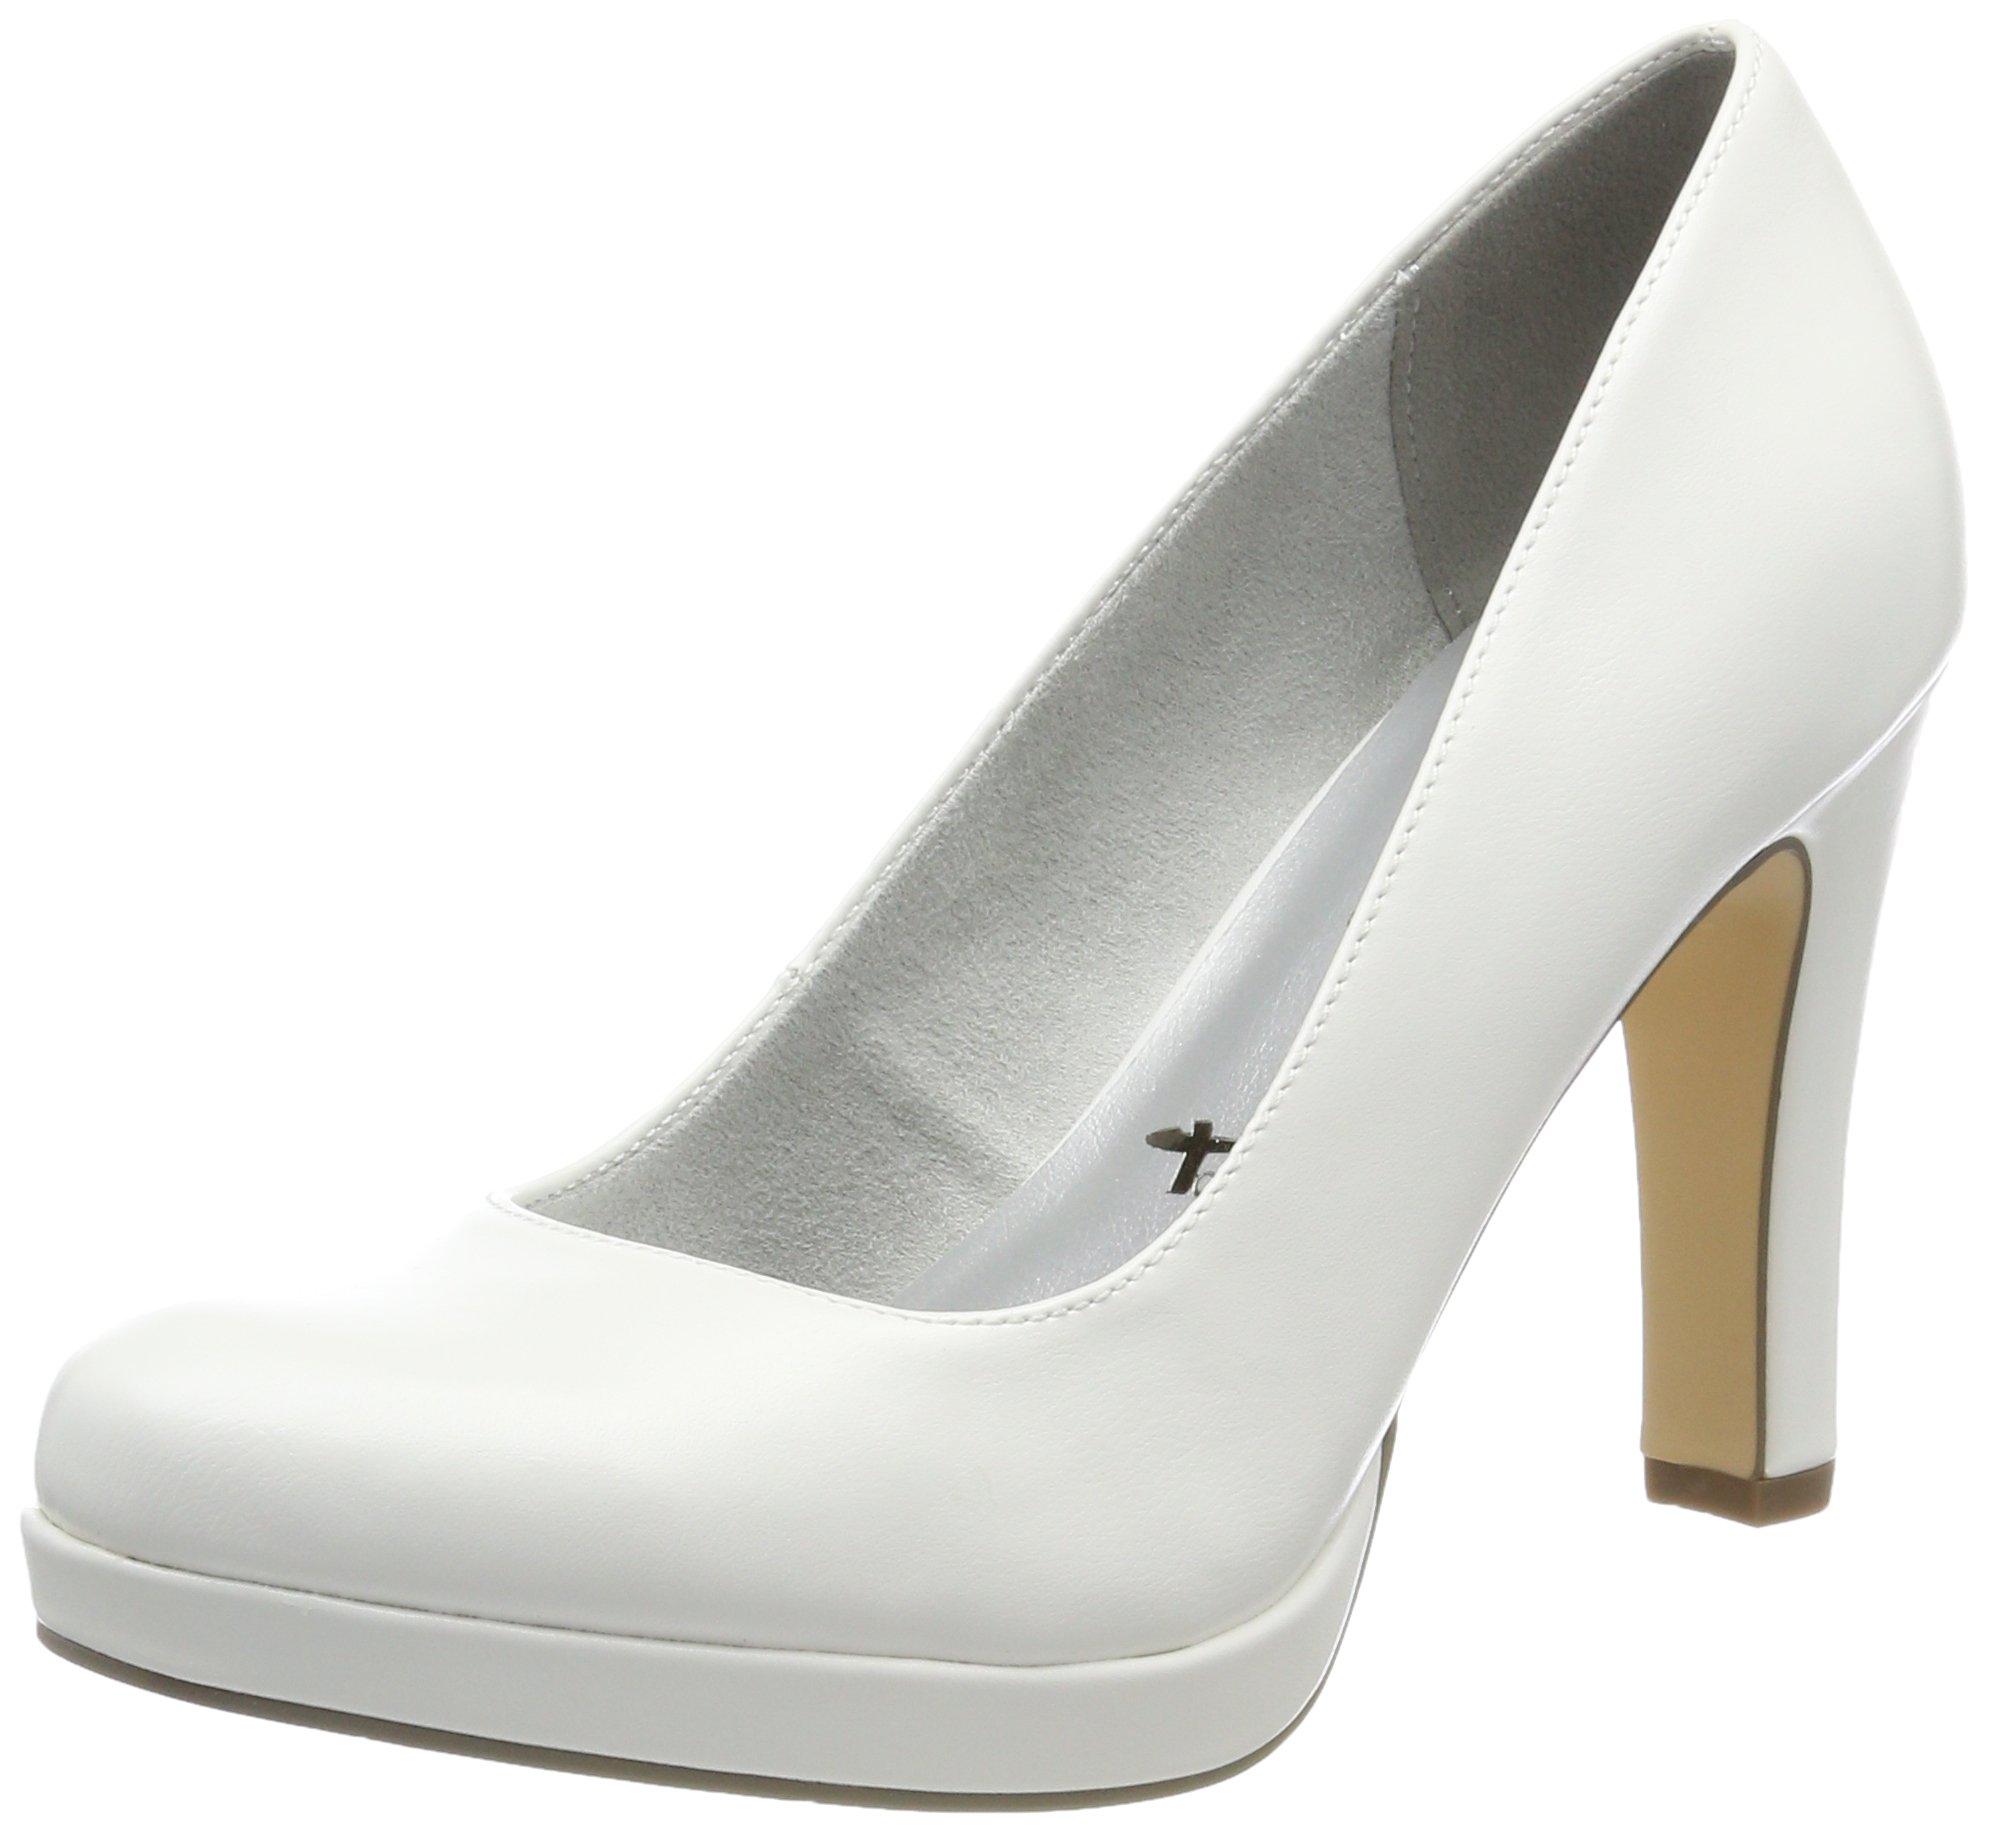 Mejor valorados en Zapatos de tacón   Opiniones útiles de nuestros ... 6d6b29007ebd